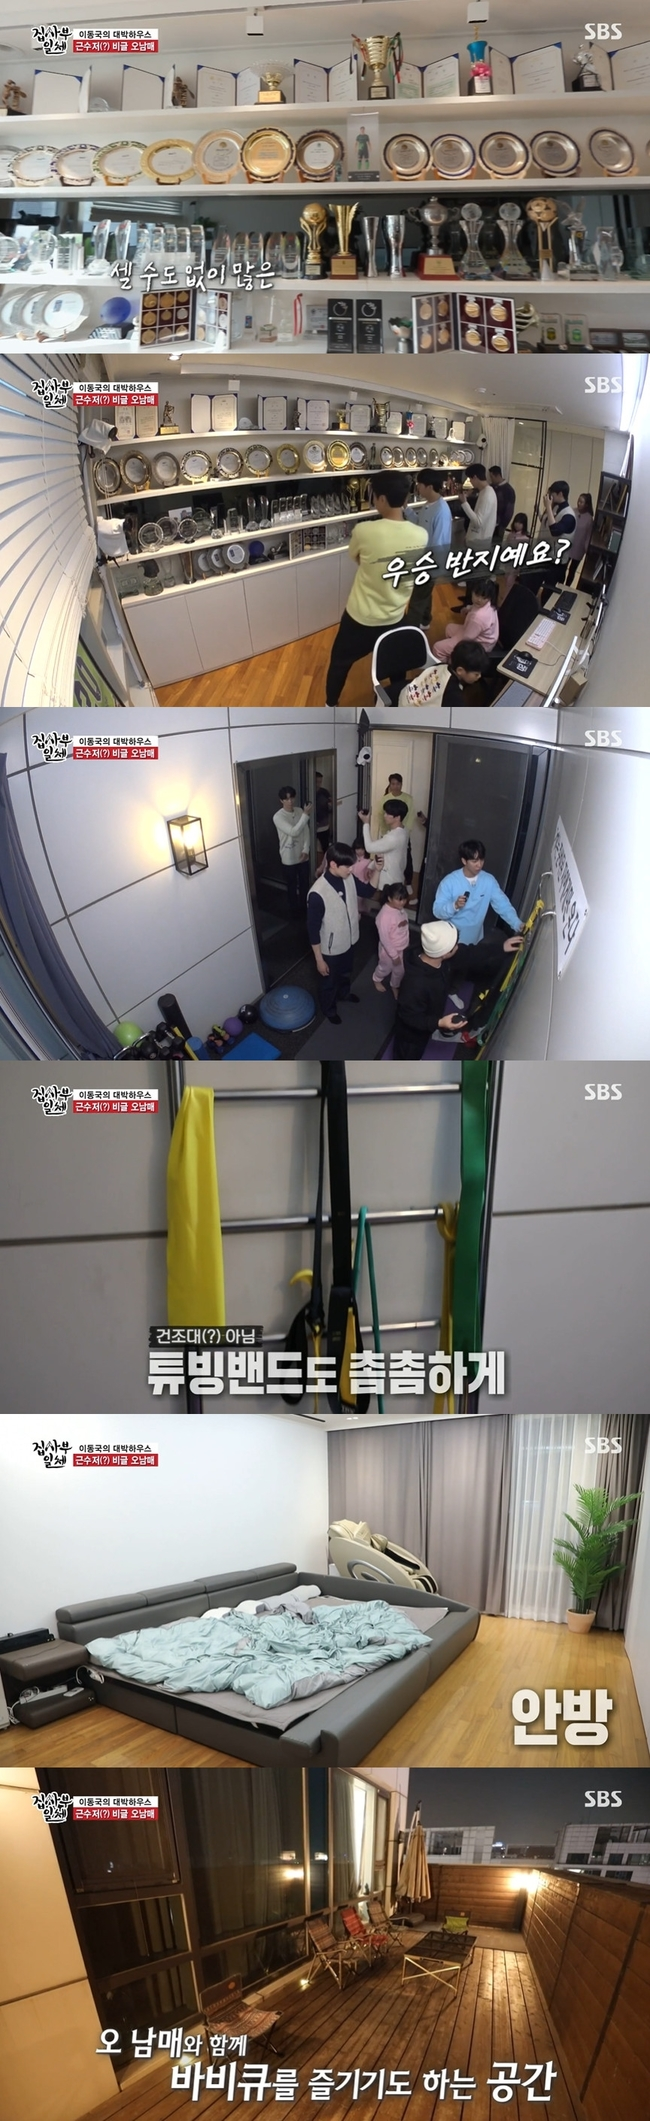 '집사부일체' 이동국 집 공개, 테니스 유망주 딸 재아 위한 트레이닝룸까지